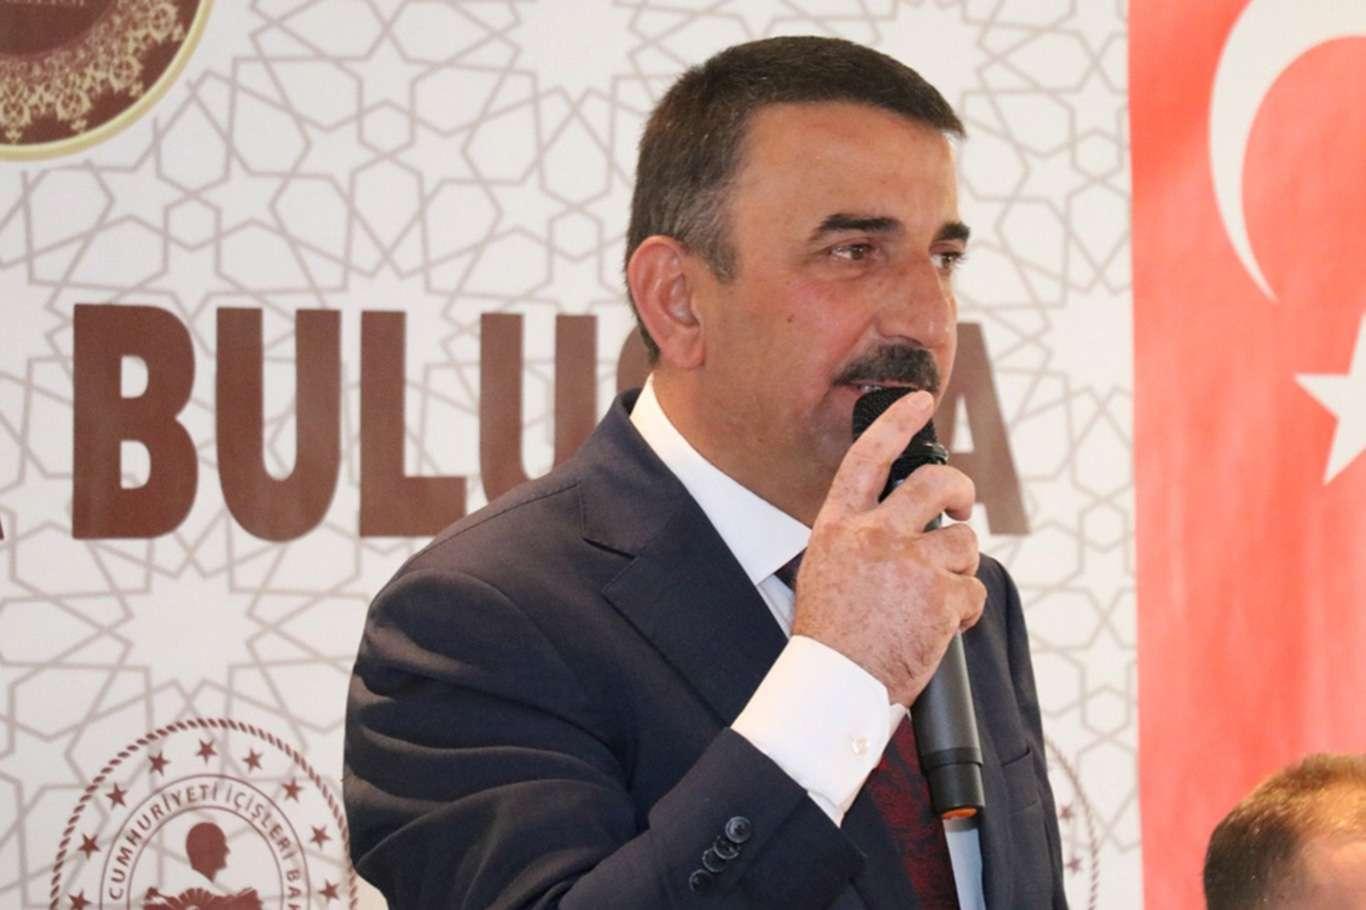 Siirt Valisi Hacıbektaşoğlu: Kentsel dönüşüm, Siirtin kalkınmasına katkı sağlayacaktır